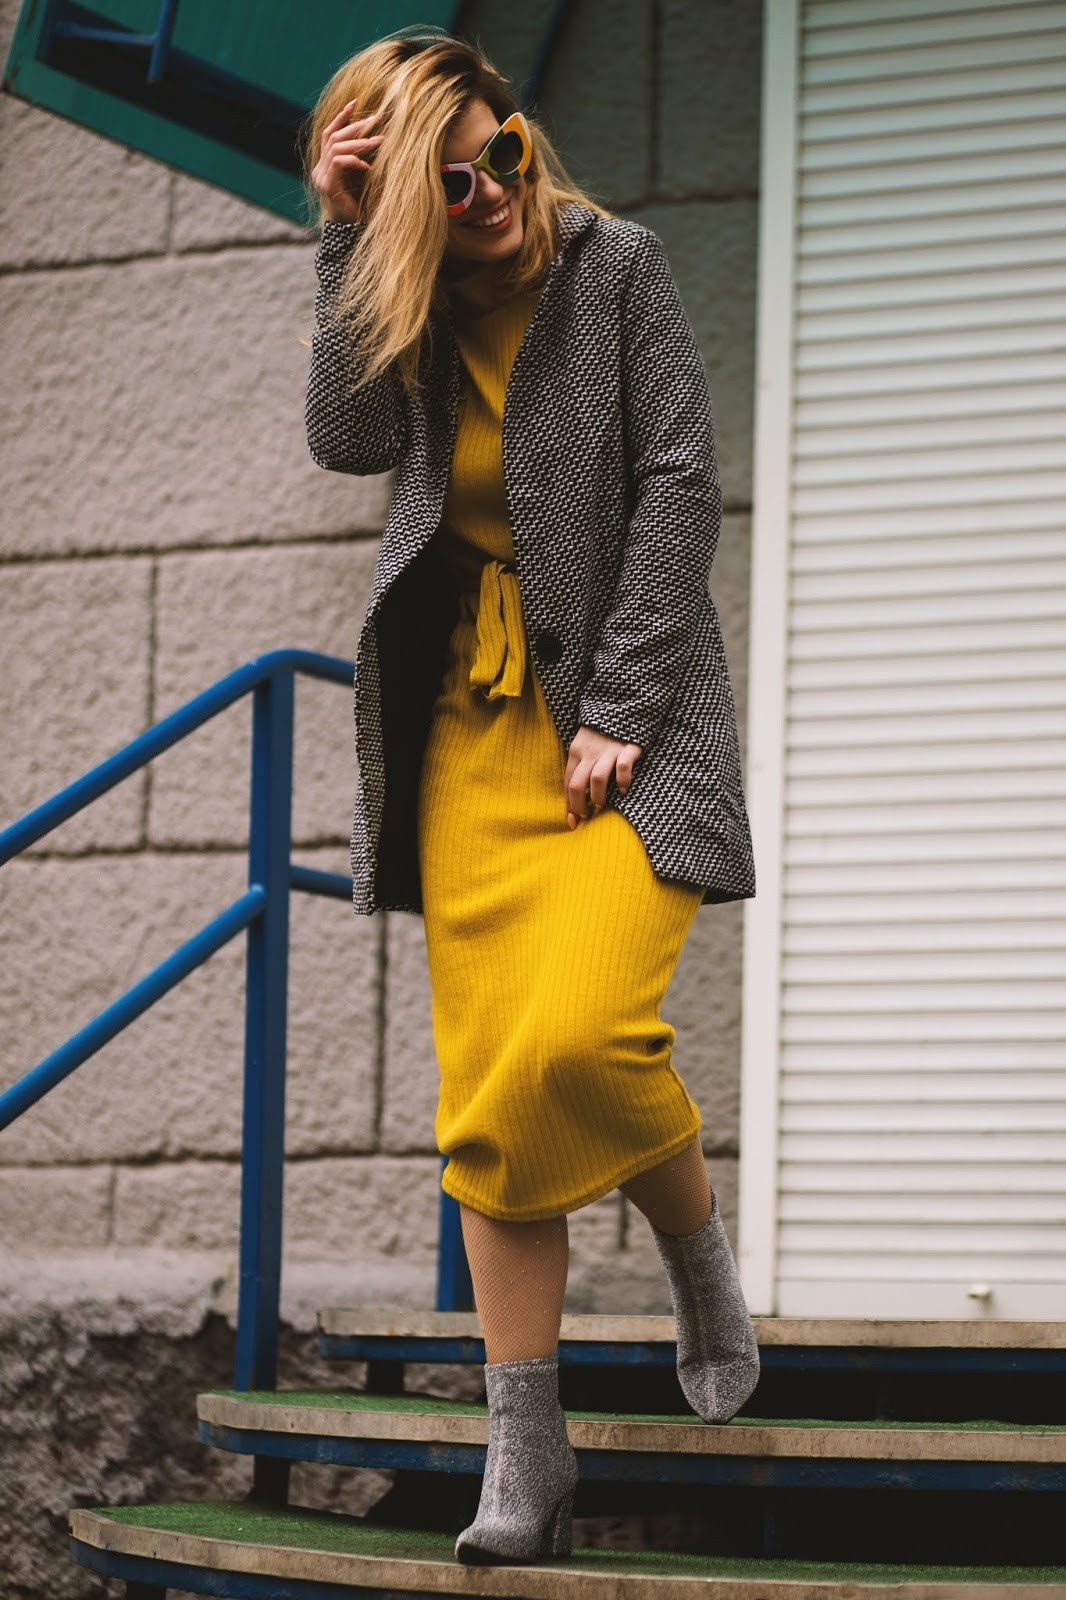 2021 women fashion trends in Dalma mall